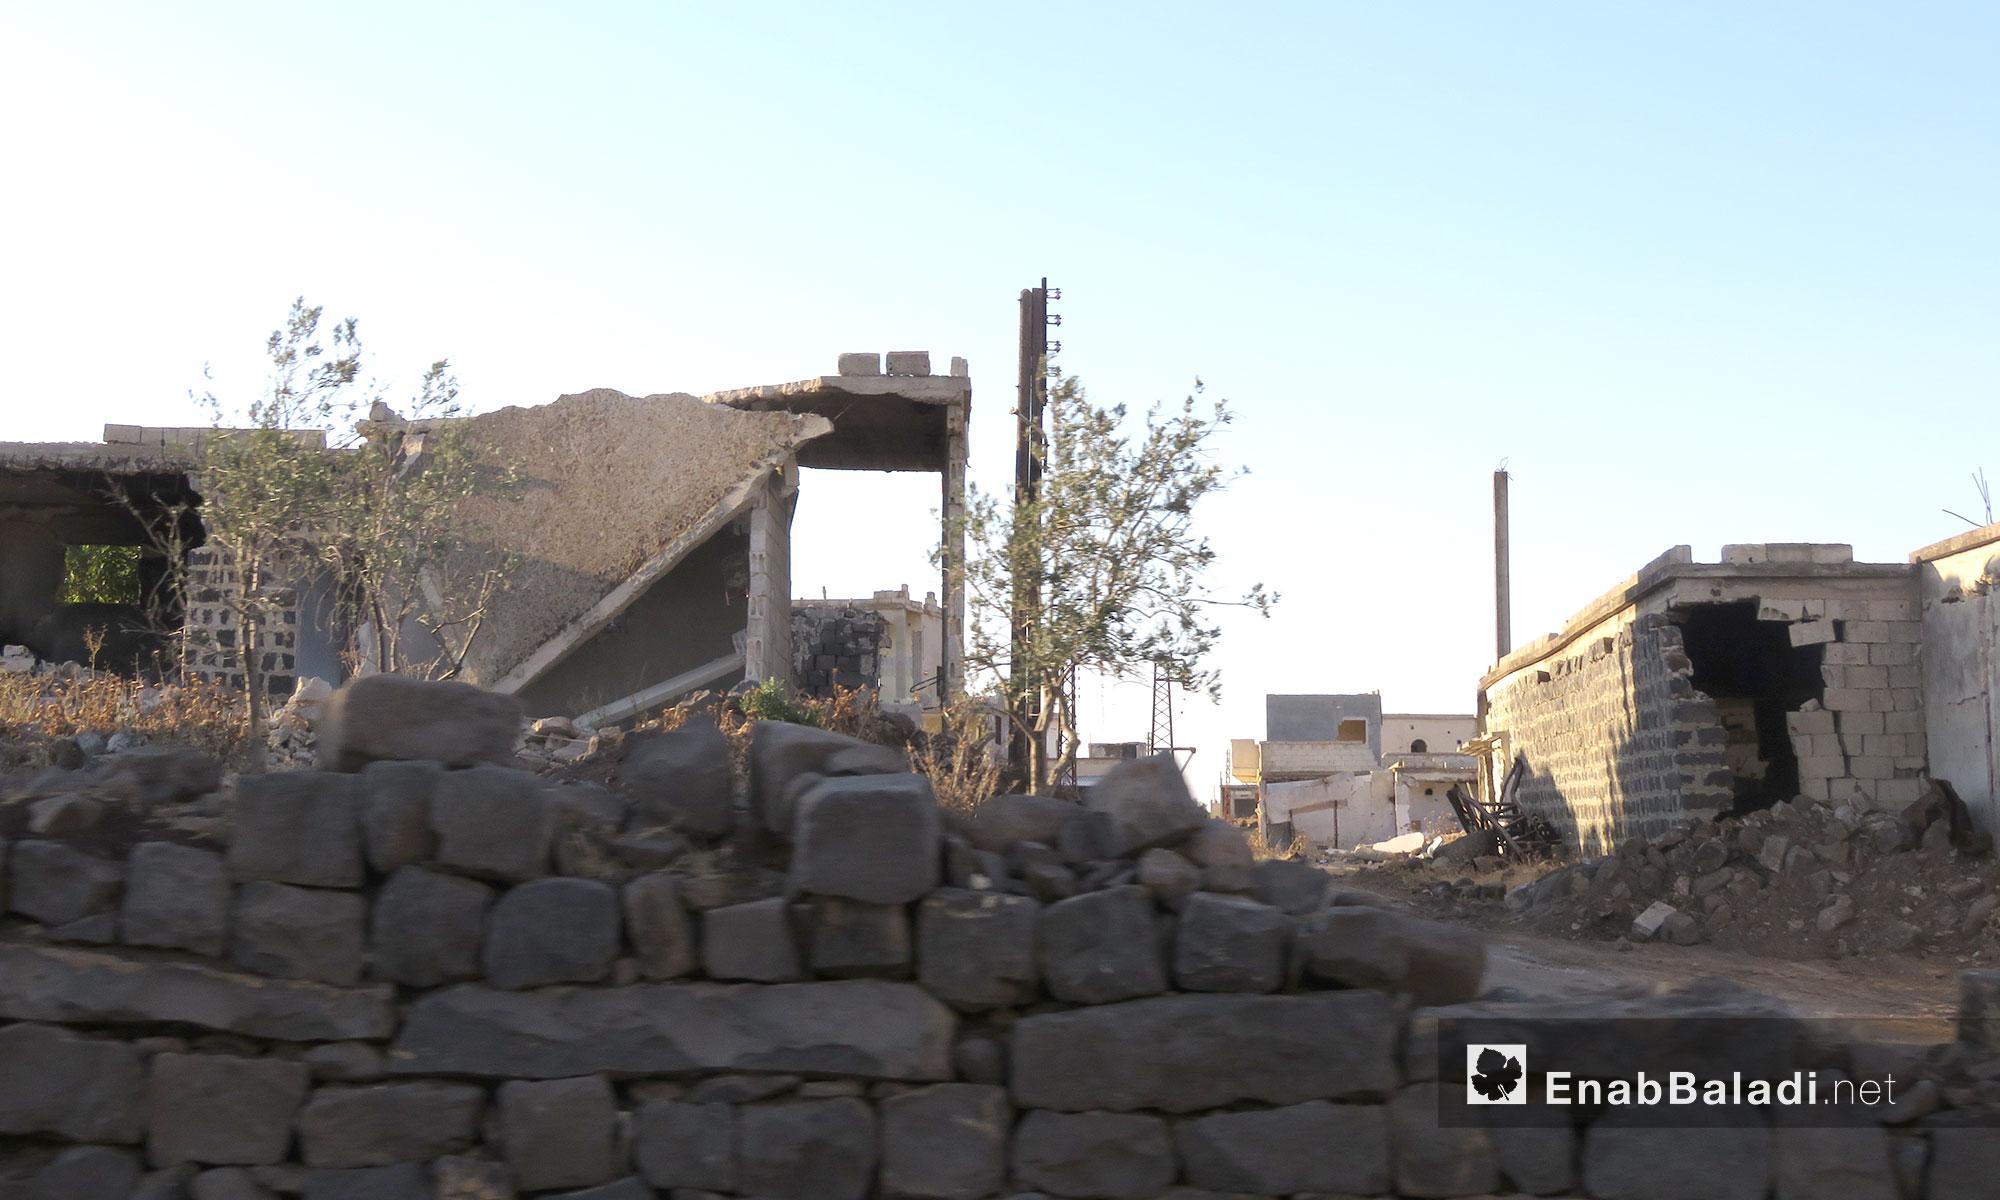 أبنية مهدمة داخل أحد أحياء الحولة في ريف حمص - 25 تمو 2017 (عنب بلدي)